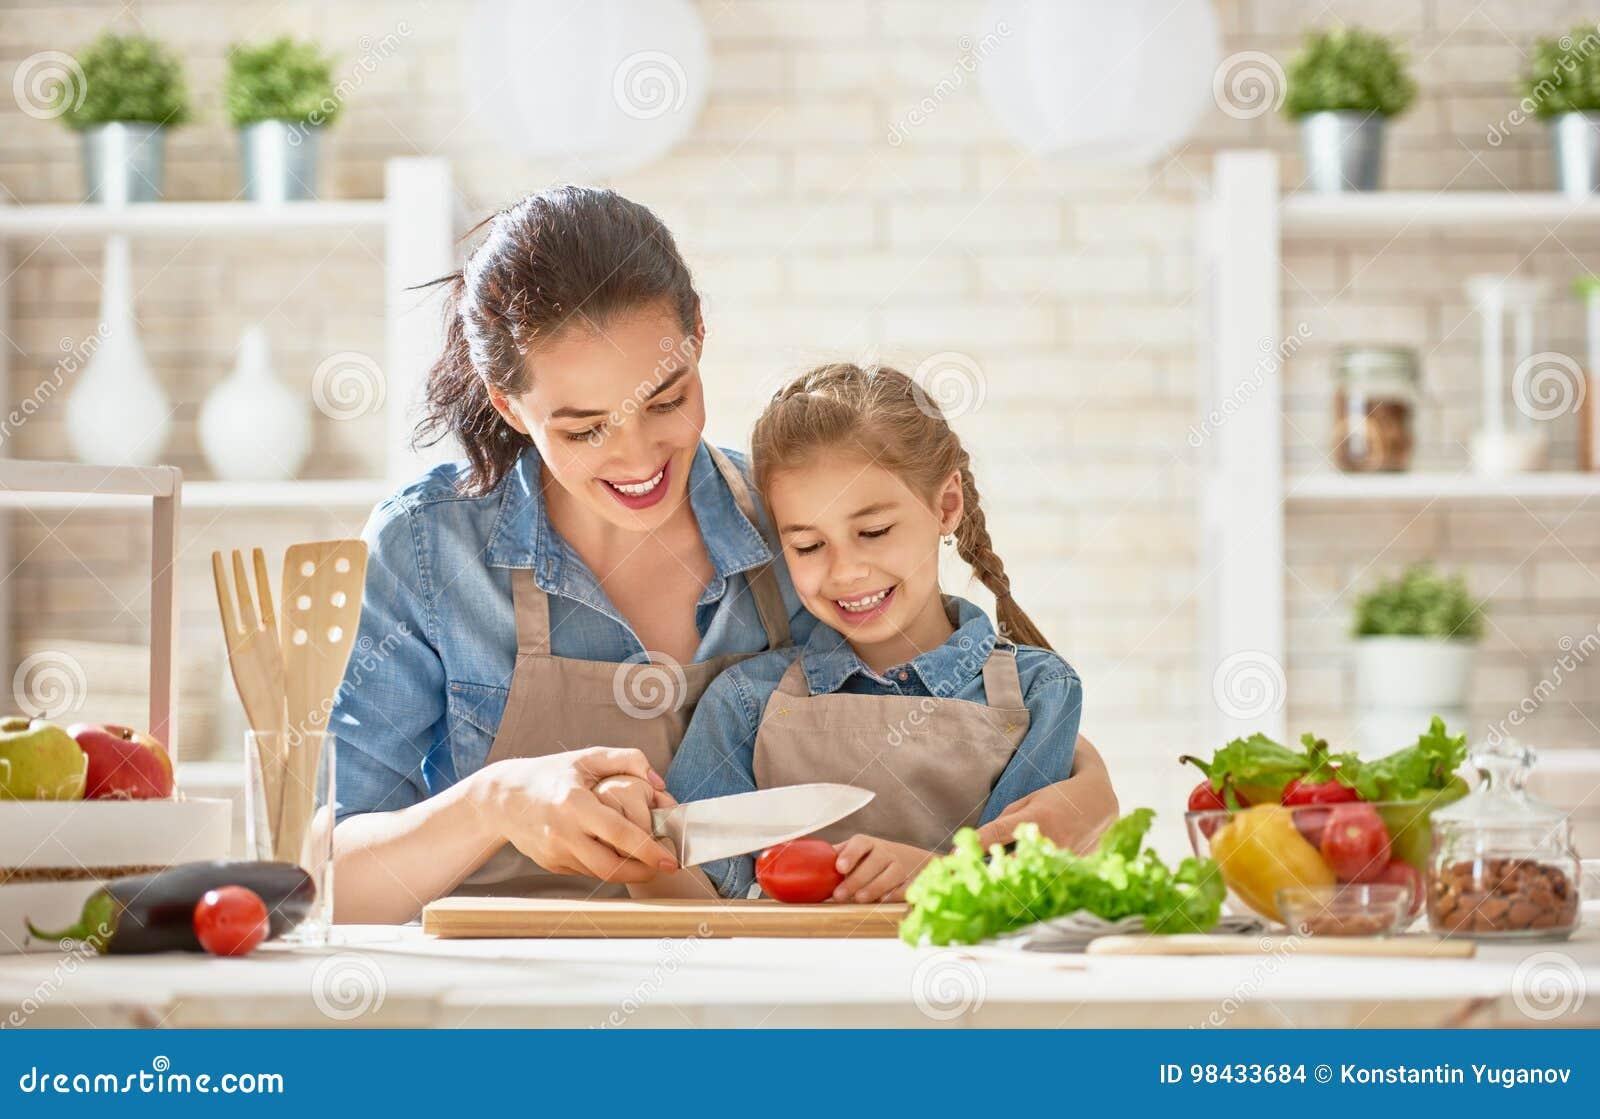 С мамкой на кухне, Мама и сын на кухне - смотреть порно онлайн или скачать 24 фотография